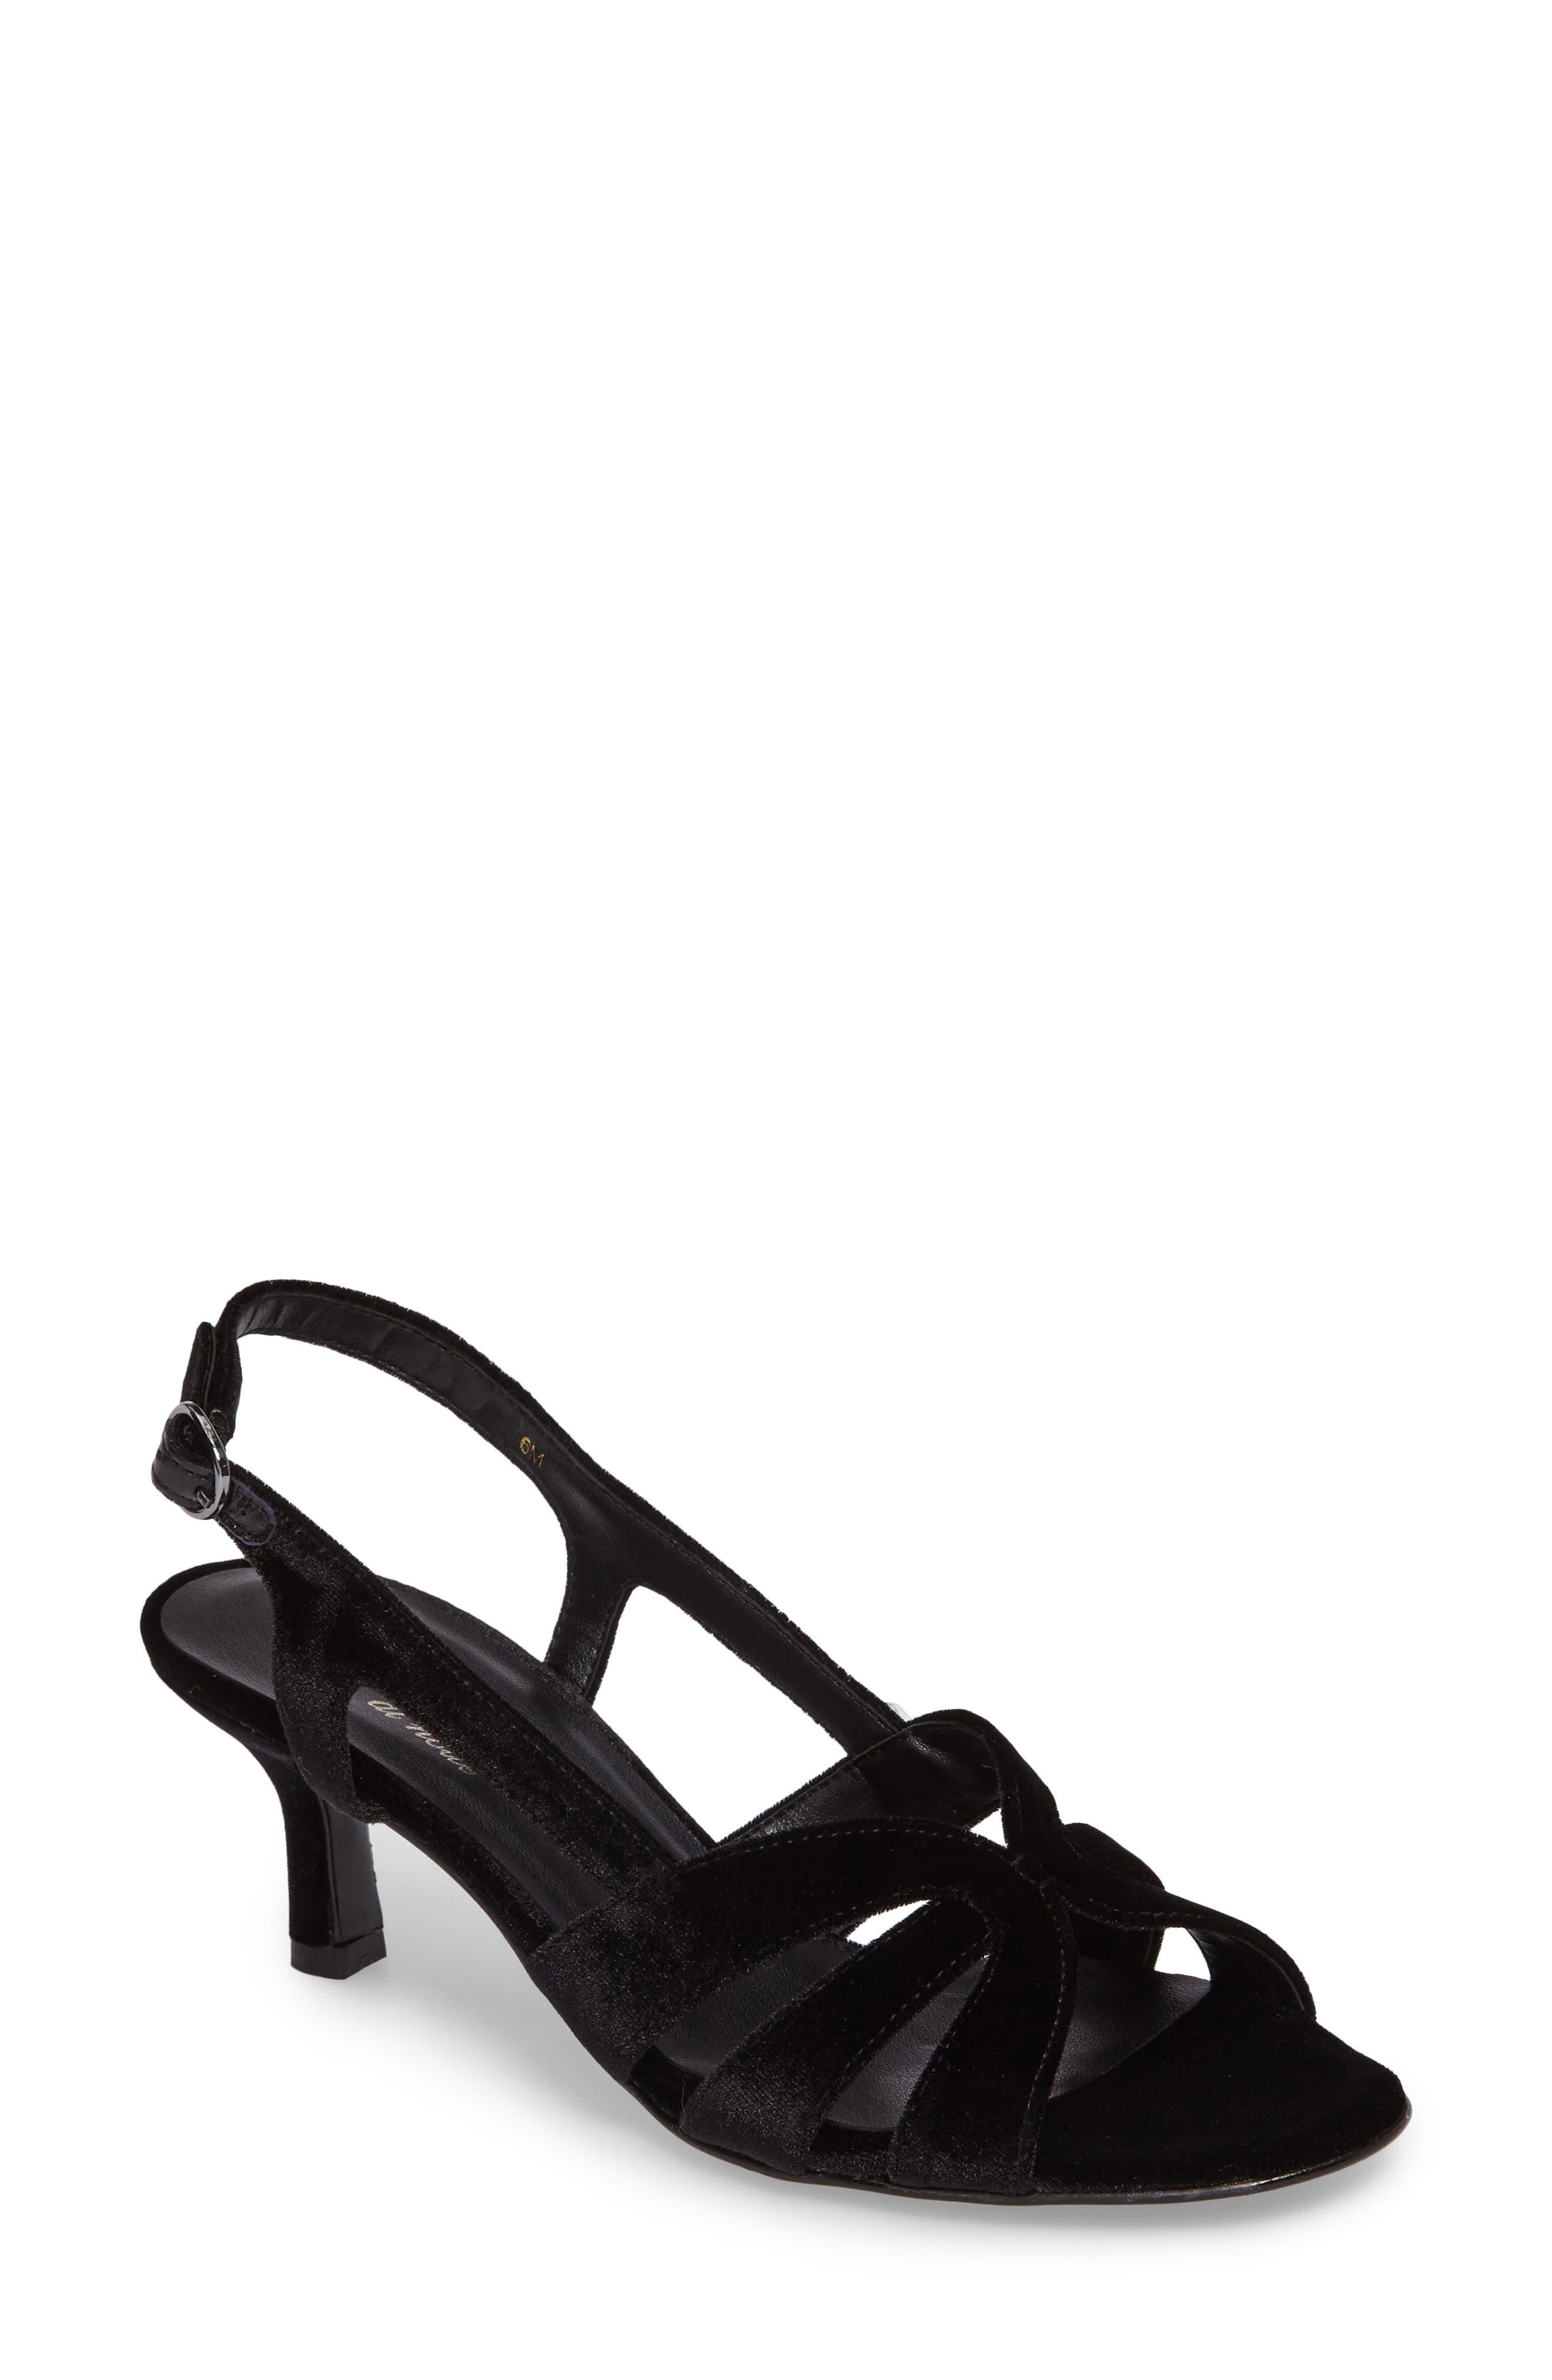 Alternate Image 1 Selected - VANELi Maeve Slingback Sandal (Women)